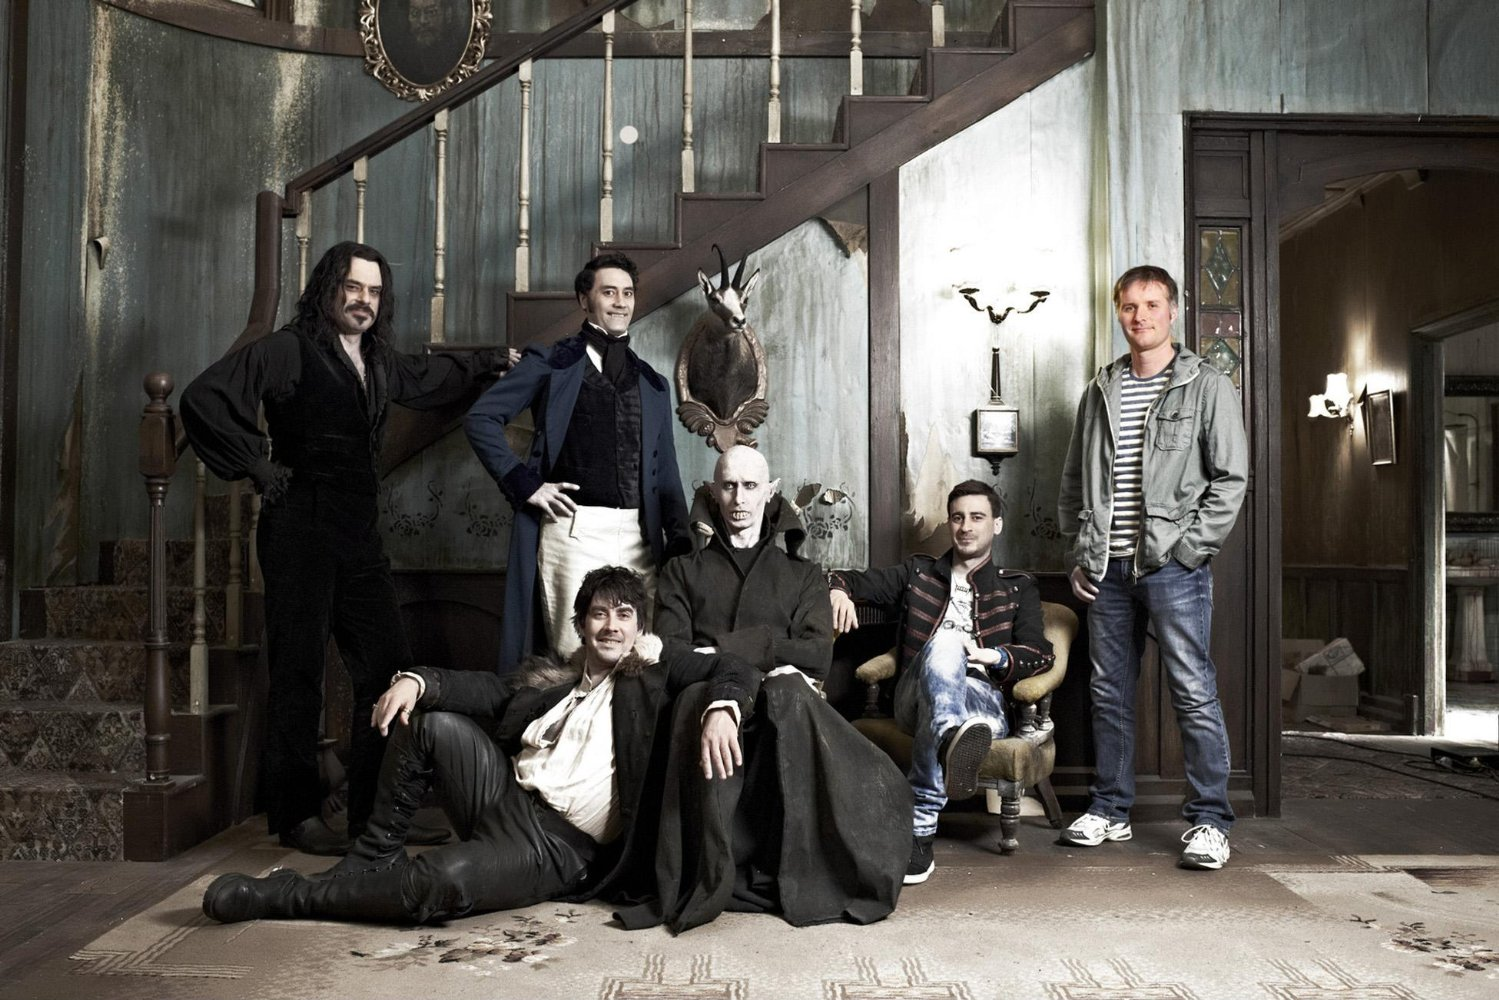 Les colocataires vampires avec, dans l'ordre, Vladislav, Viago, Deacon, Petyr, Nick et Stu.